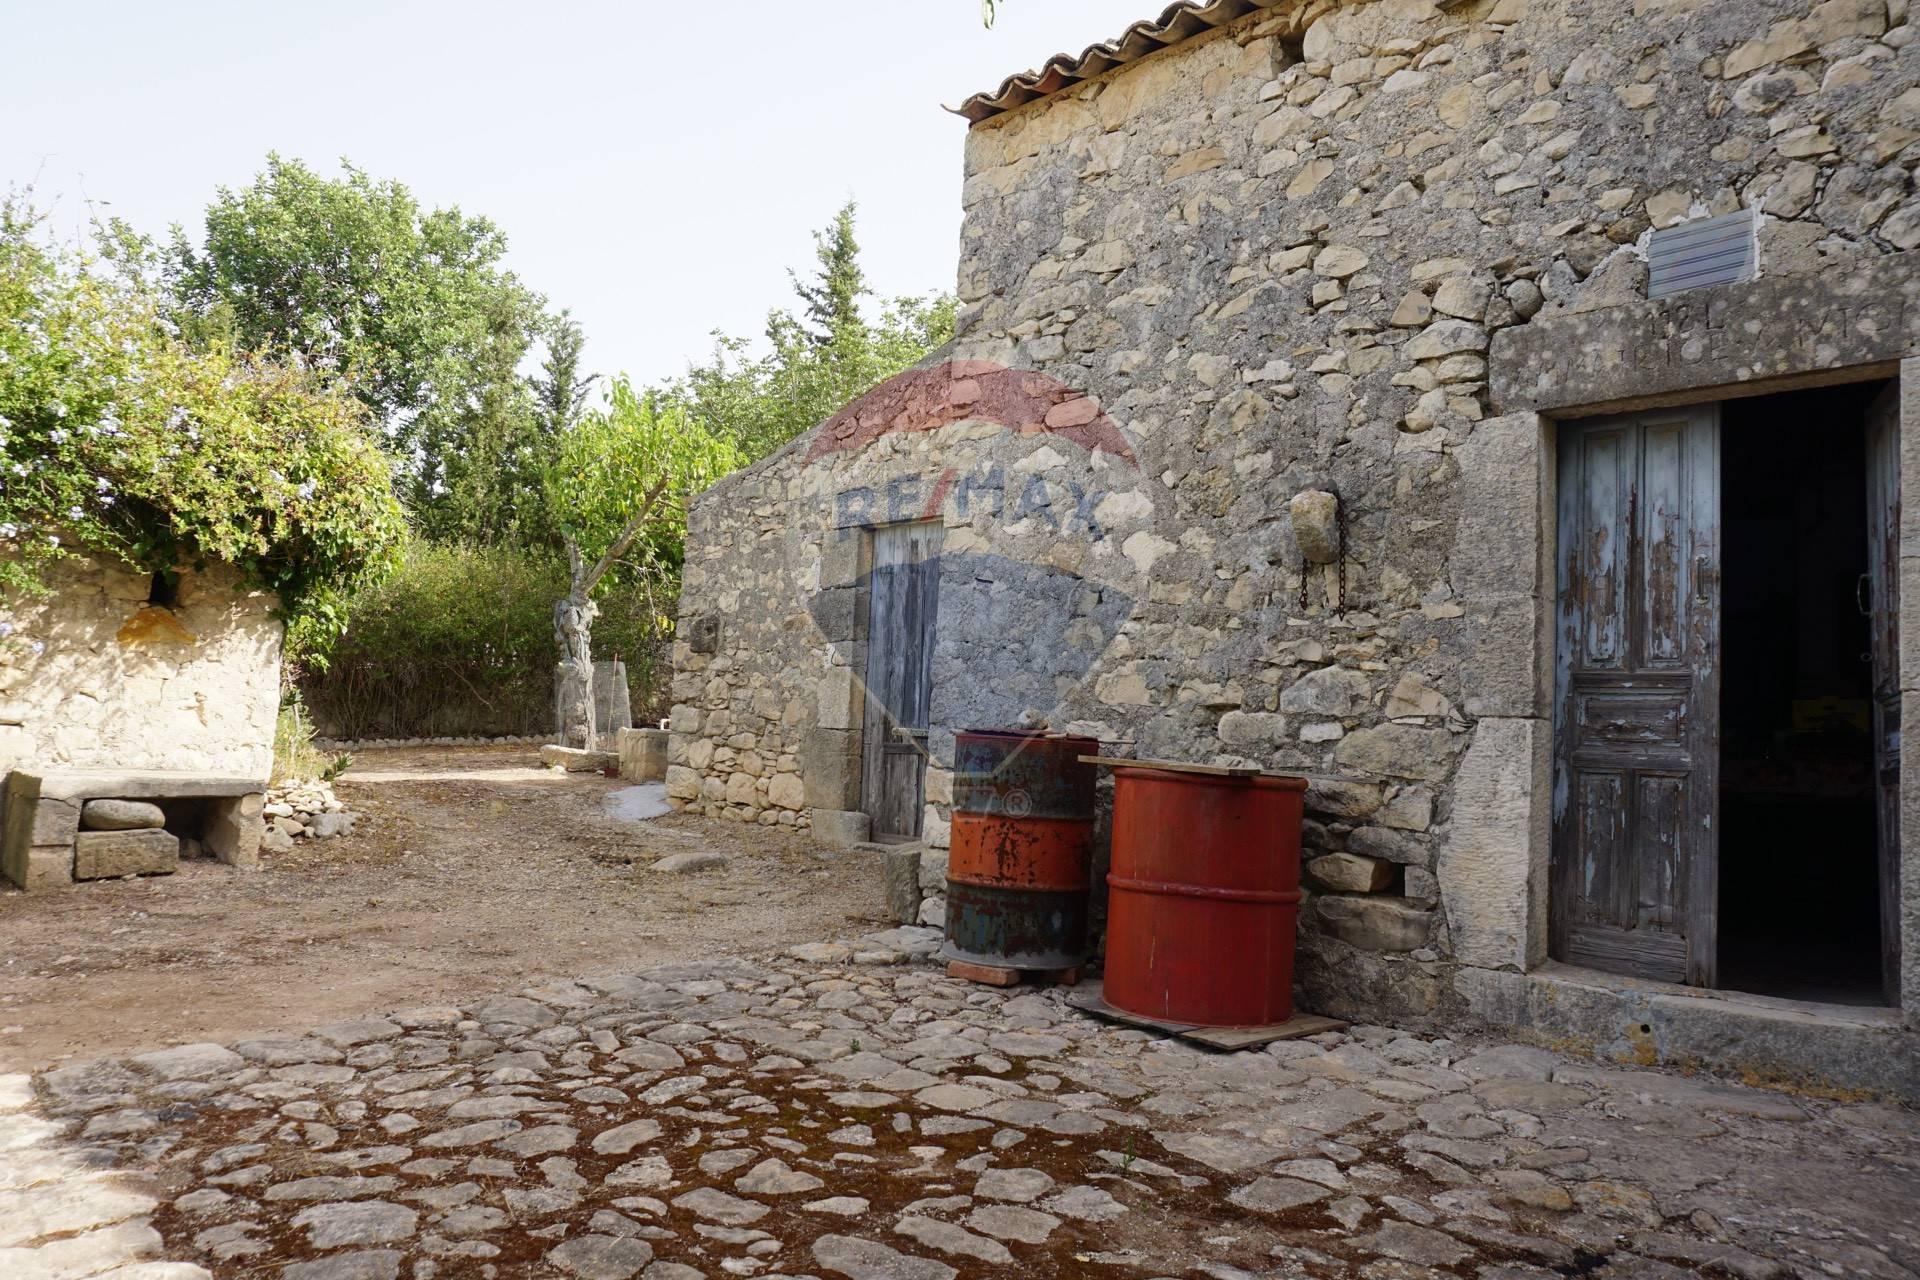 Rustico / Casale in vendita a Chiaramonte Gulfi, 4 locali, prezzo € 44.000 | CambioCasa.it